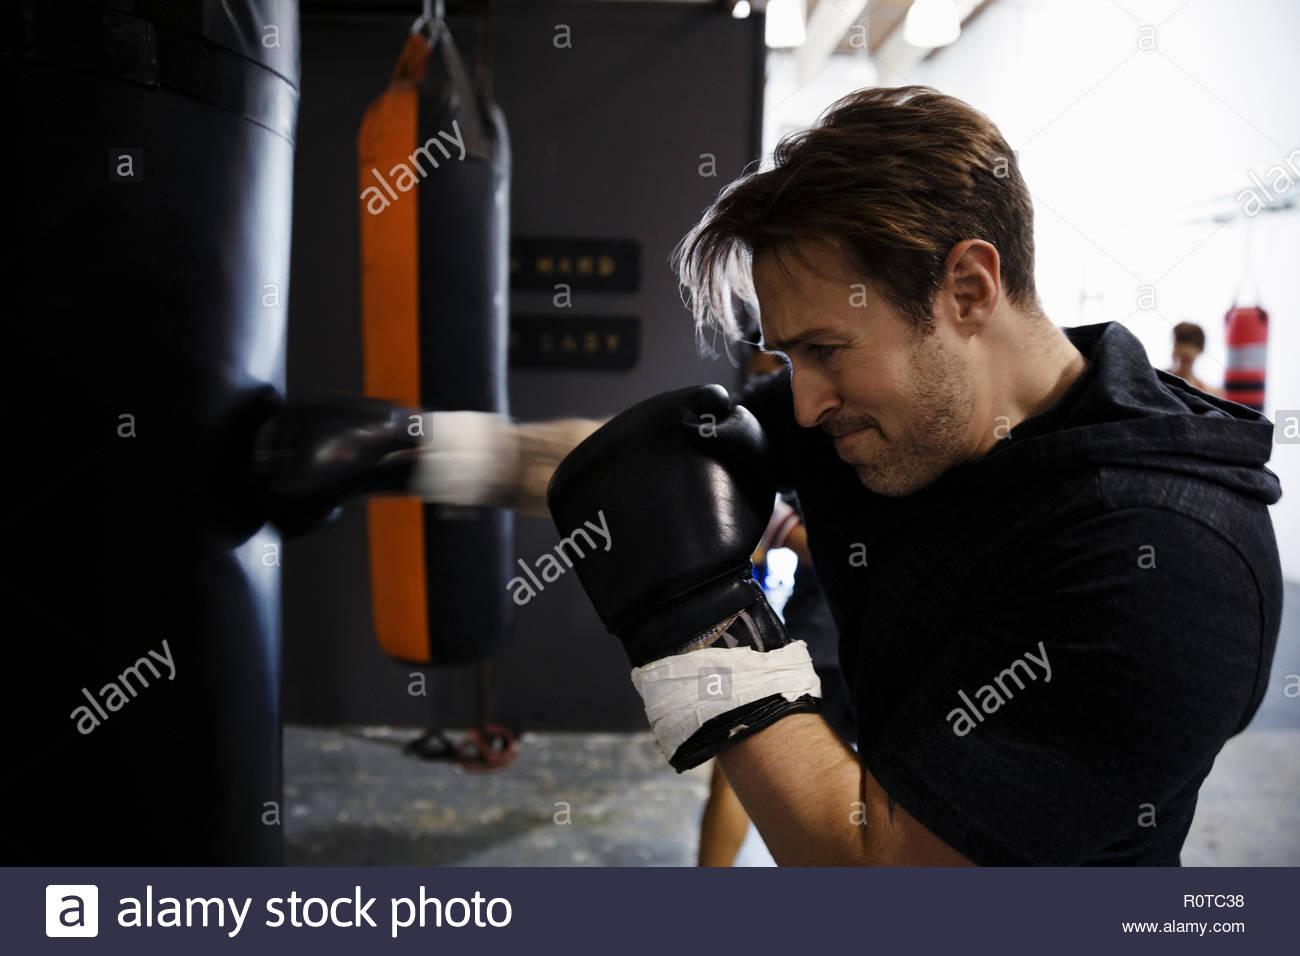 Formación Boxer Masculino dura, boxeo en saco de boxeo en el gimnasio Imagen De Stock